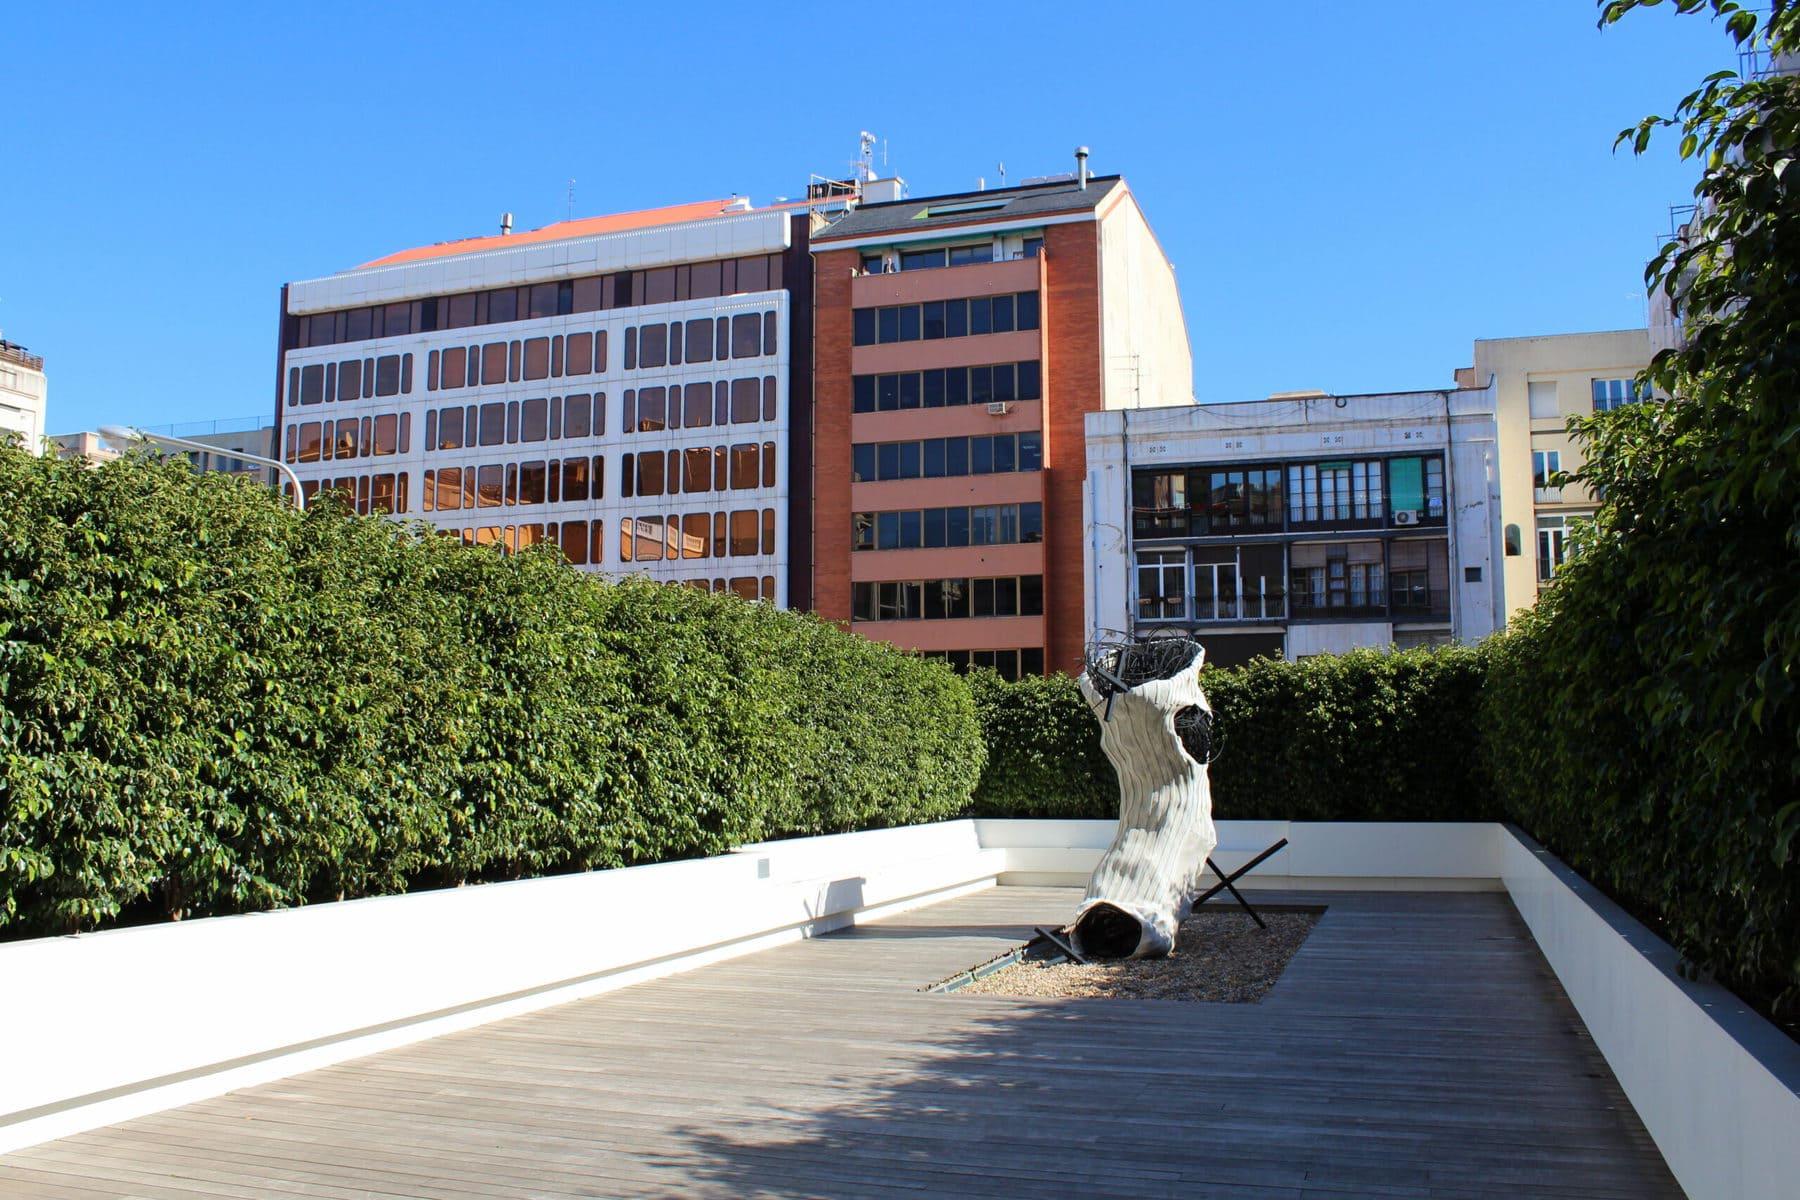 Fundació Tàpies Dachterrasse, Barcelona